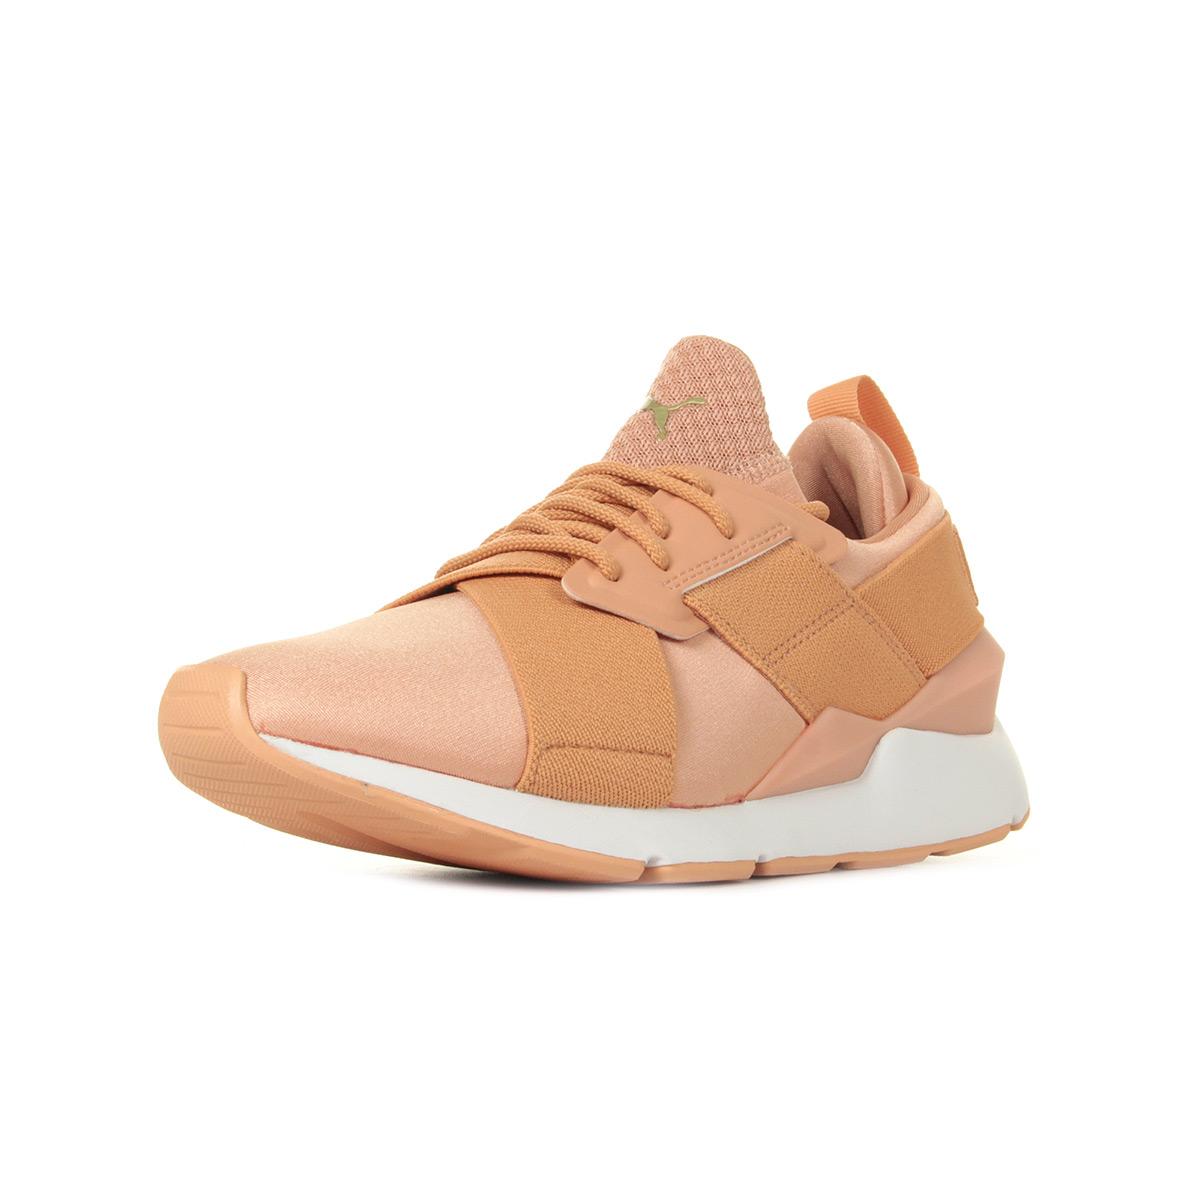 Détails sur Chaussures Baskets Puma femme Muse X Strp Satin EP W's taille Rose Textile